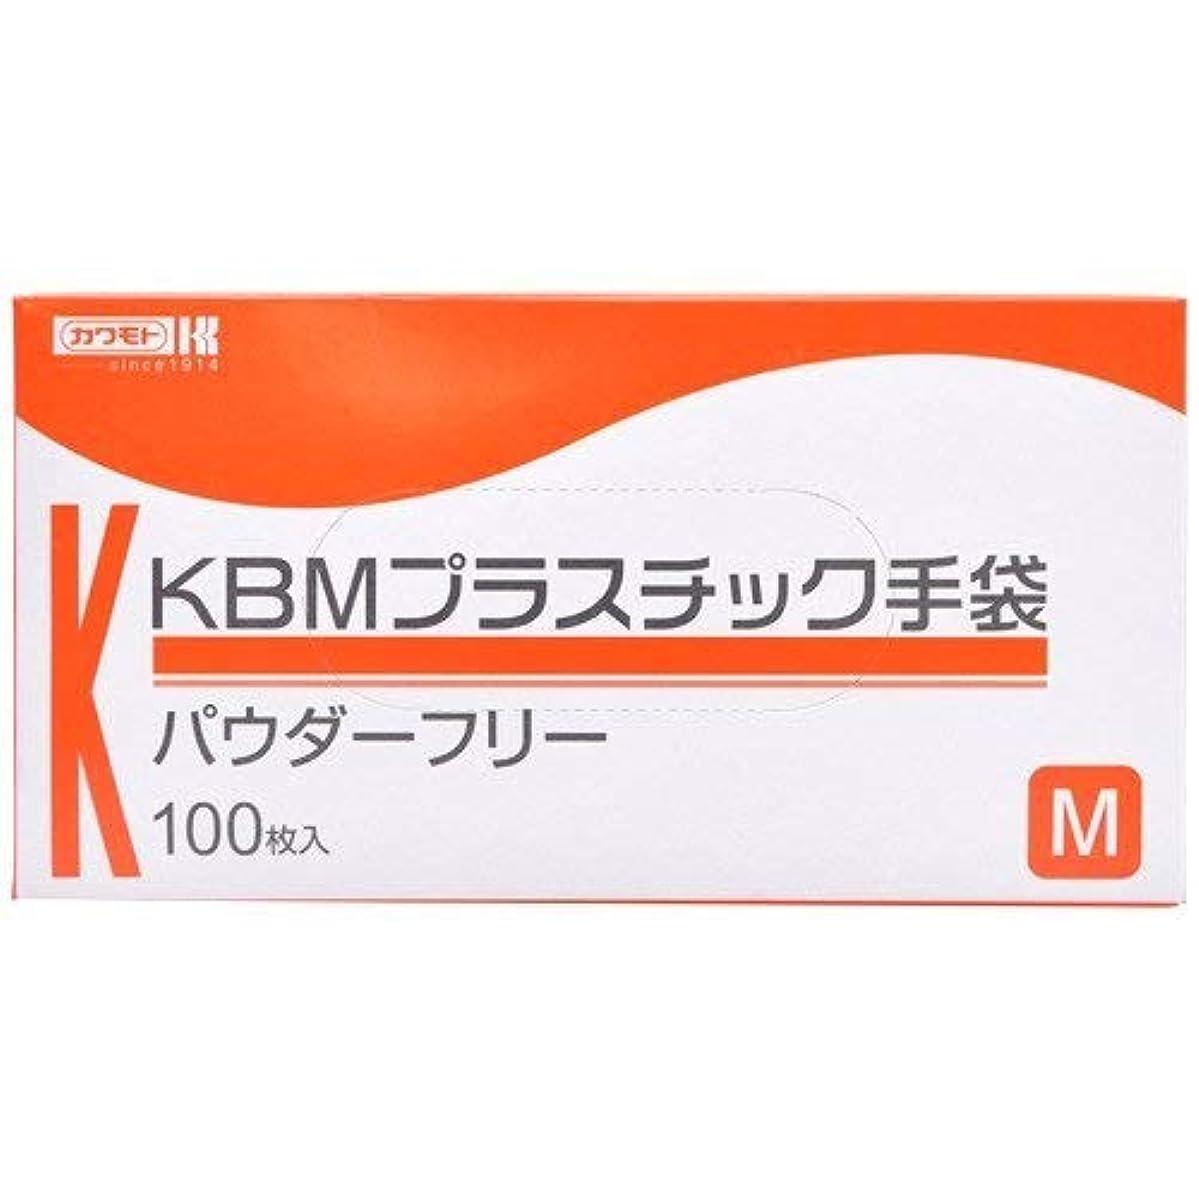 ロマンスあご映画川本産業 KBMプラスチック手袋 パウダーフリー M 100枚入 ×2個